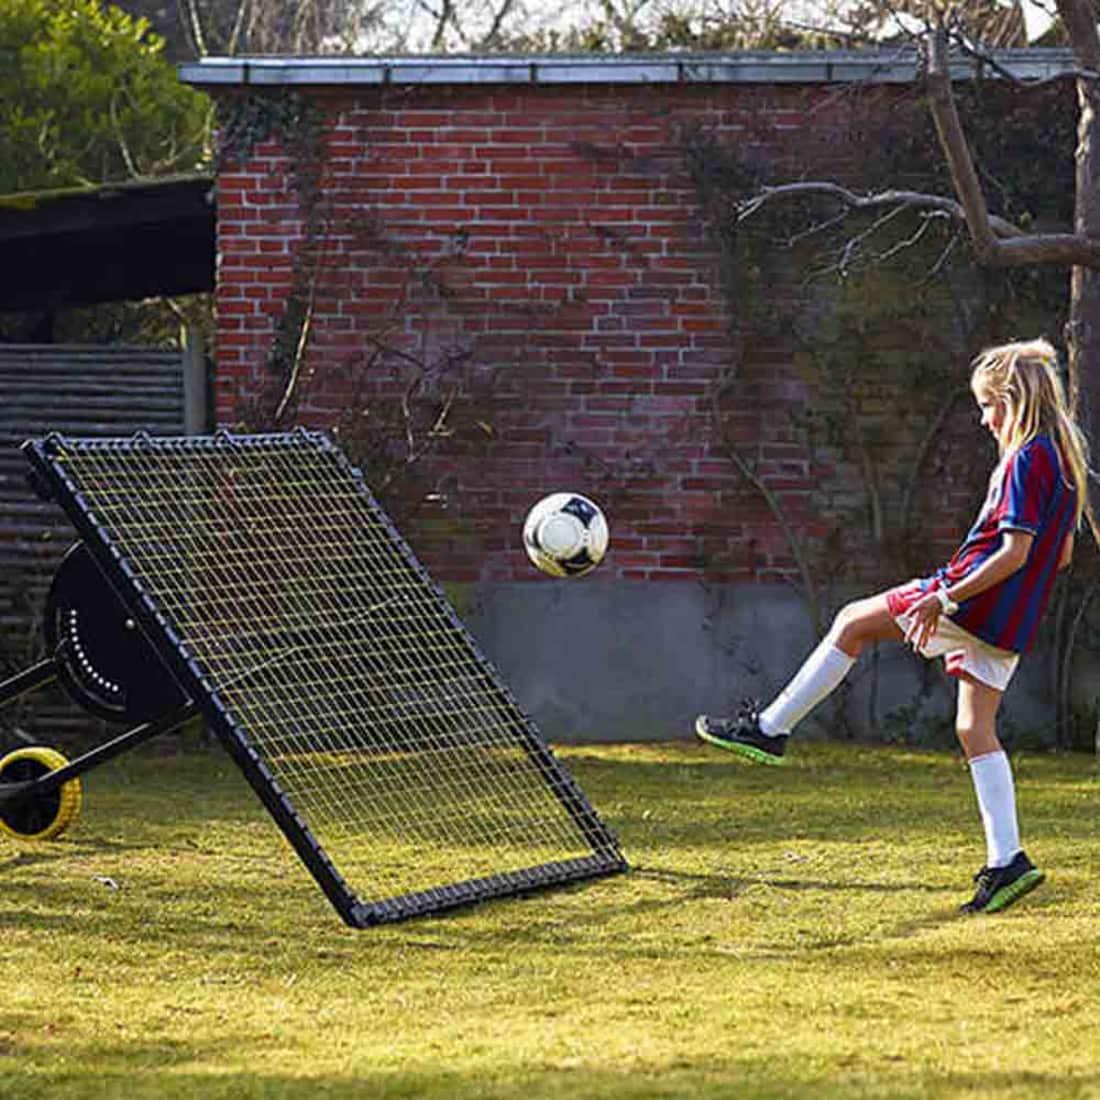 Fußball Rebounder M-Station Talent Basic